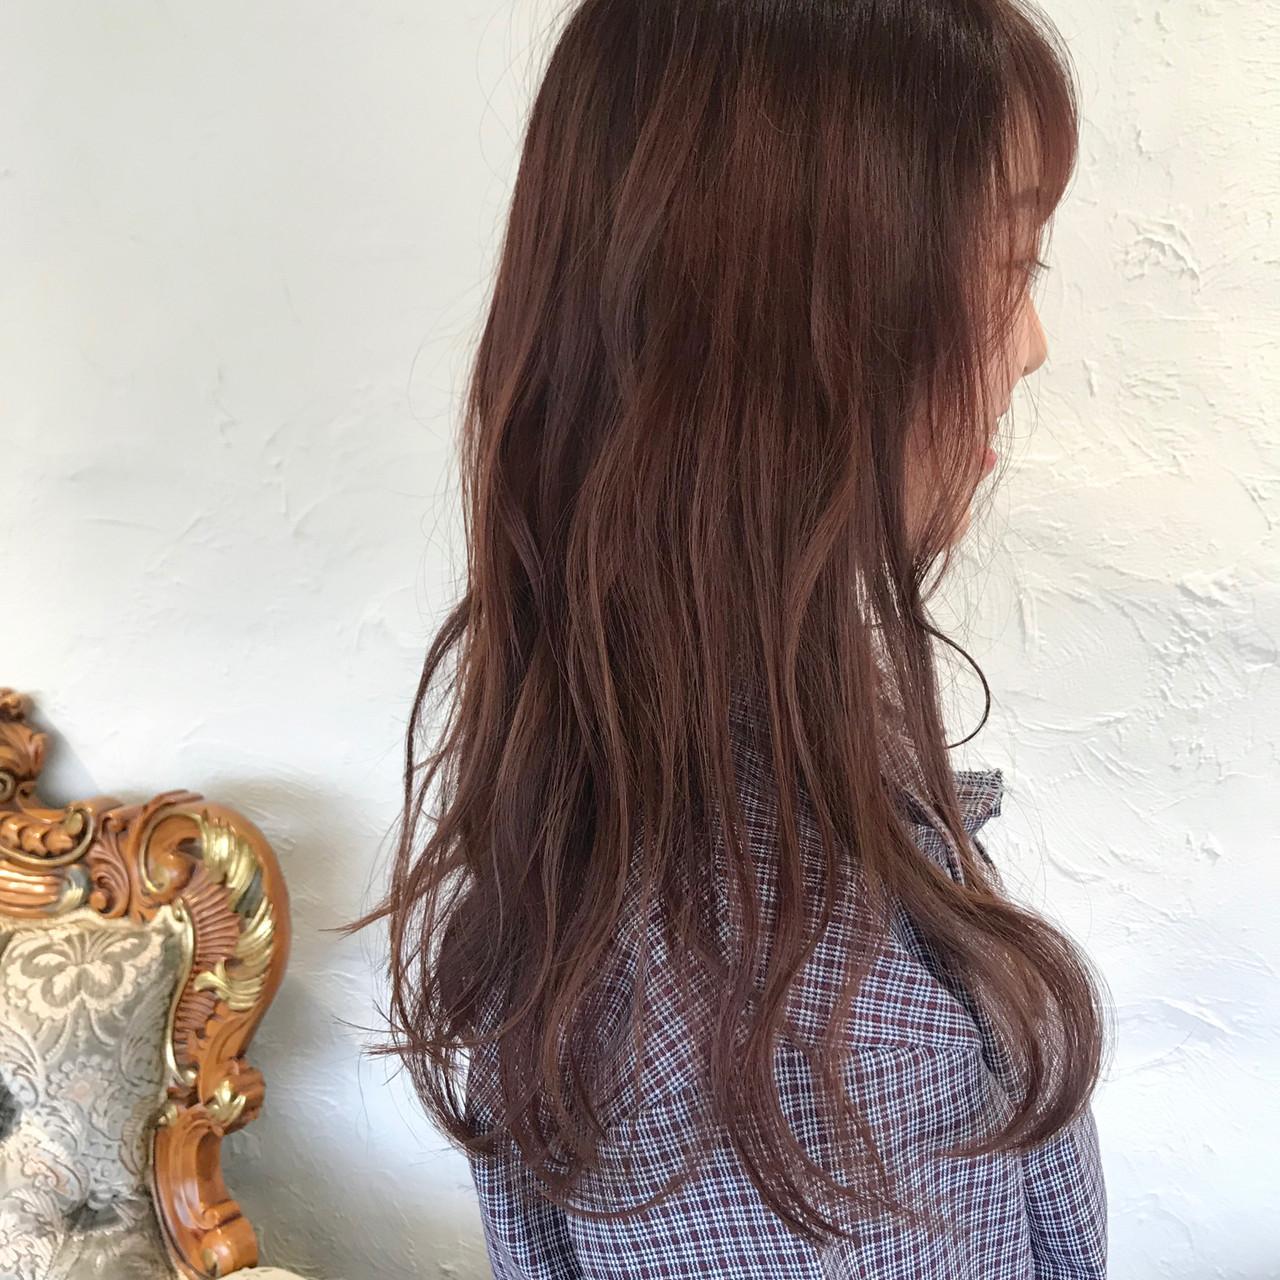 ピンクアッシュ ラズベリーピンク ロング ピンクベージュ ヘアスタイルや髪型の写真・画像